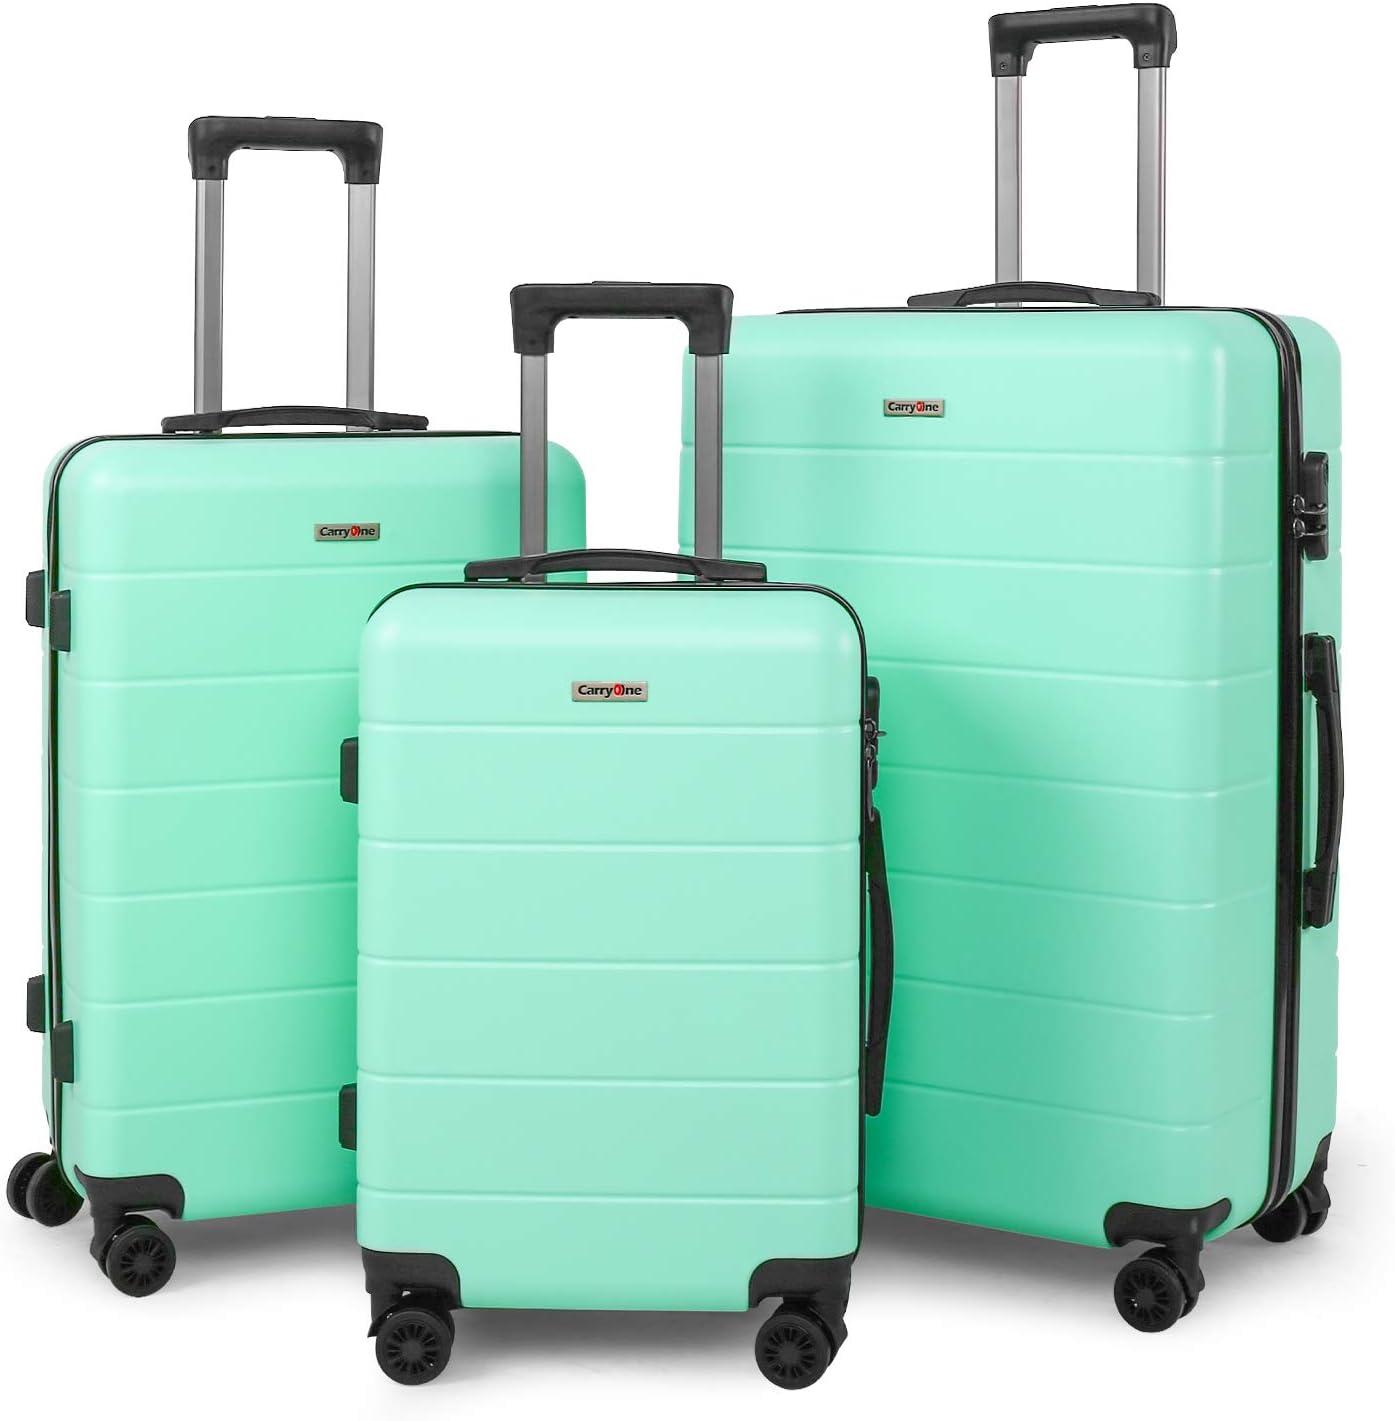 CarryOne Equipaje Juego de 3 Piezas Maleta Ligero | 4 Ruedas Giratorias Silenciosas de Doble | Candado Numérica | 20in24in28in para Vacaciones Viaje-19TC1-Verde